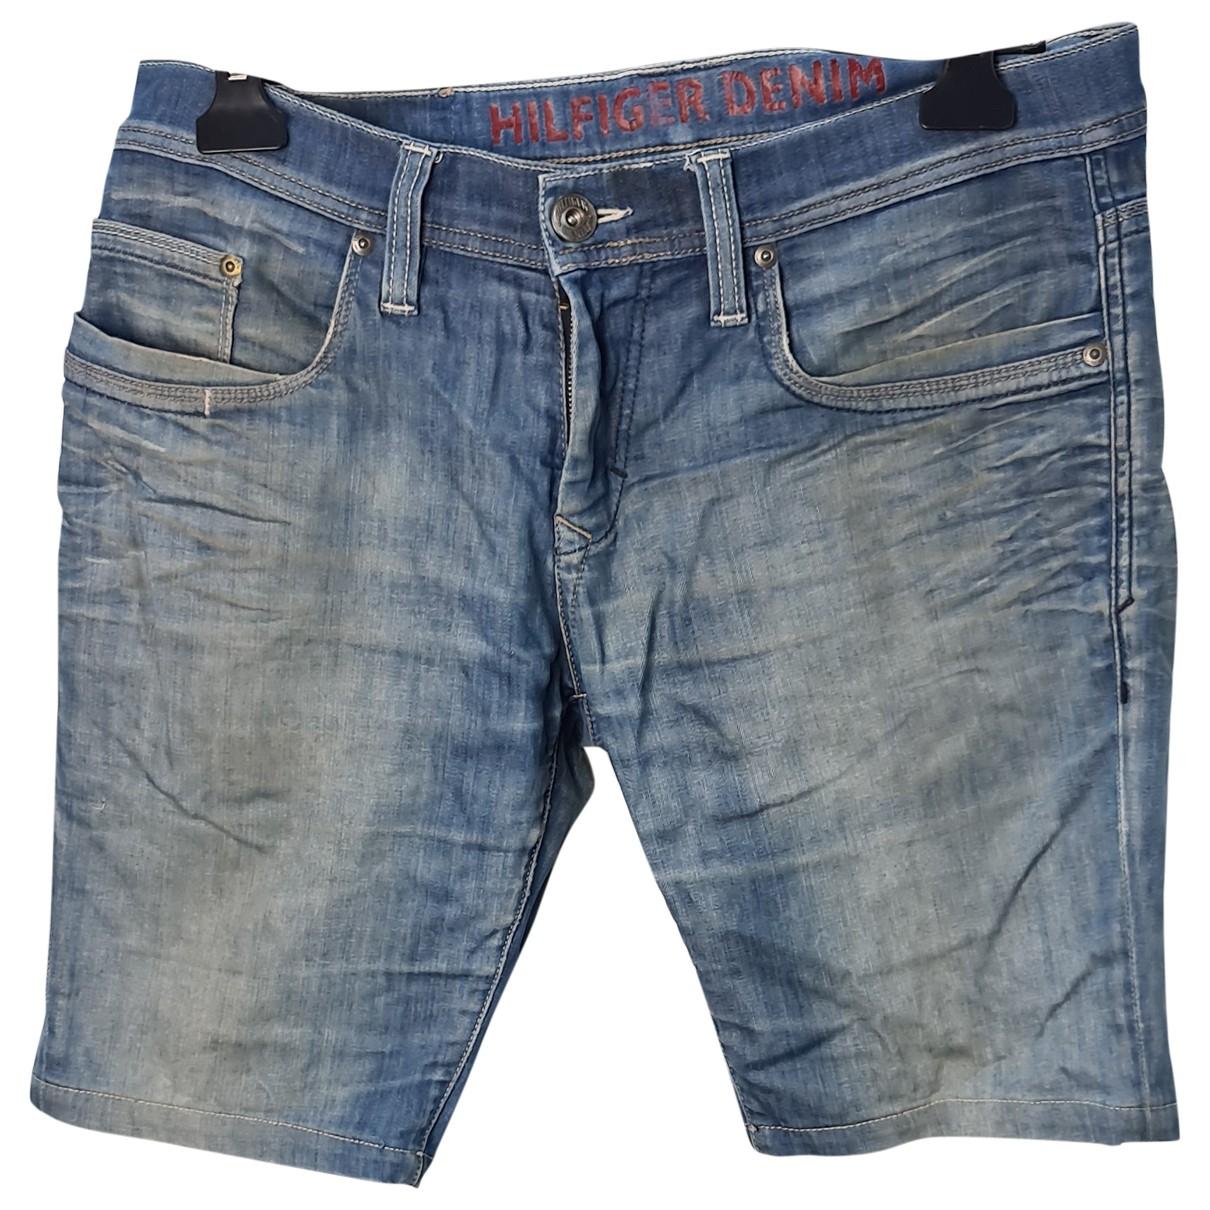 Tommy Hilfiger \N Blue Cotton Shorts for Men 34 UK - US